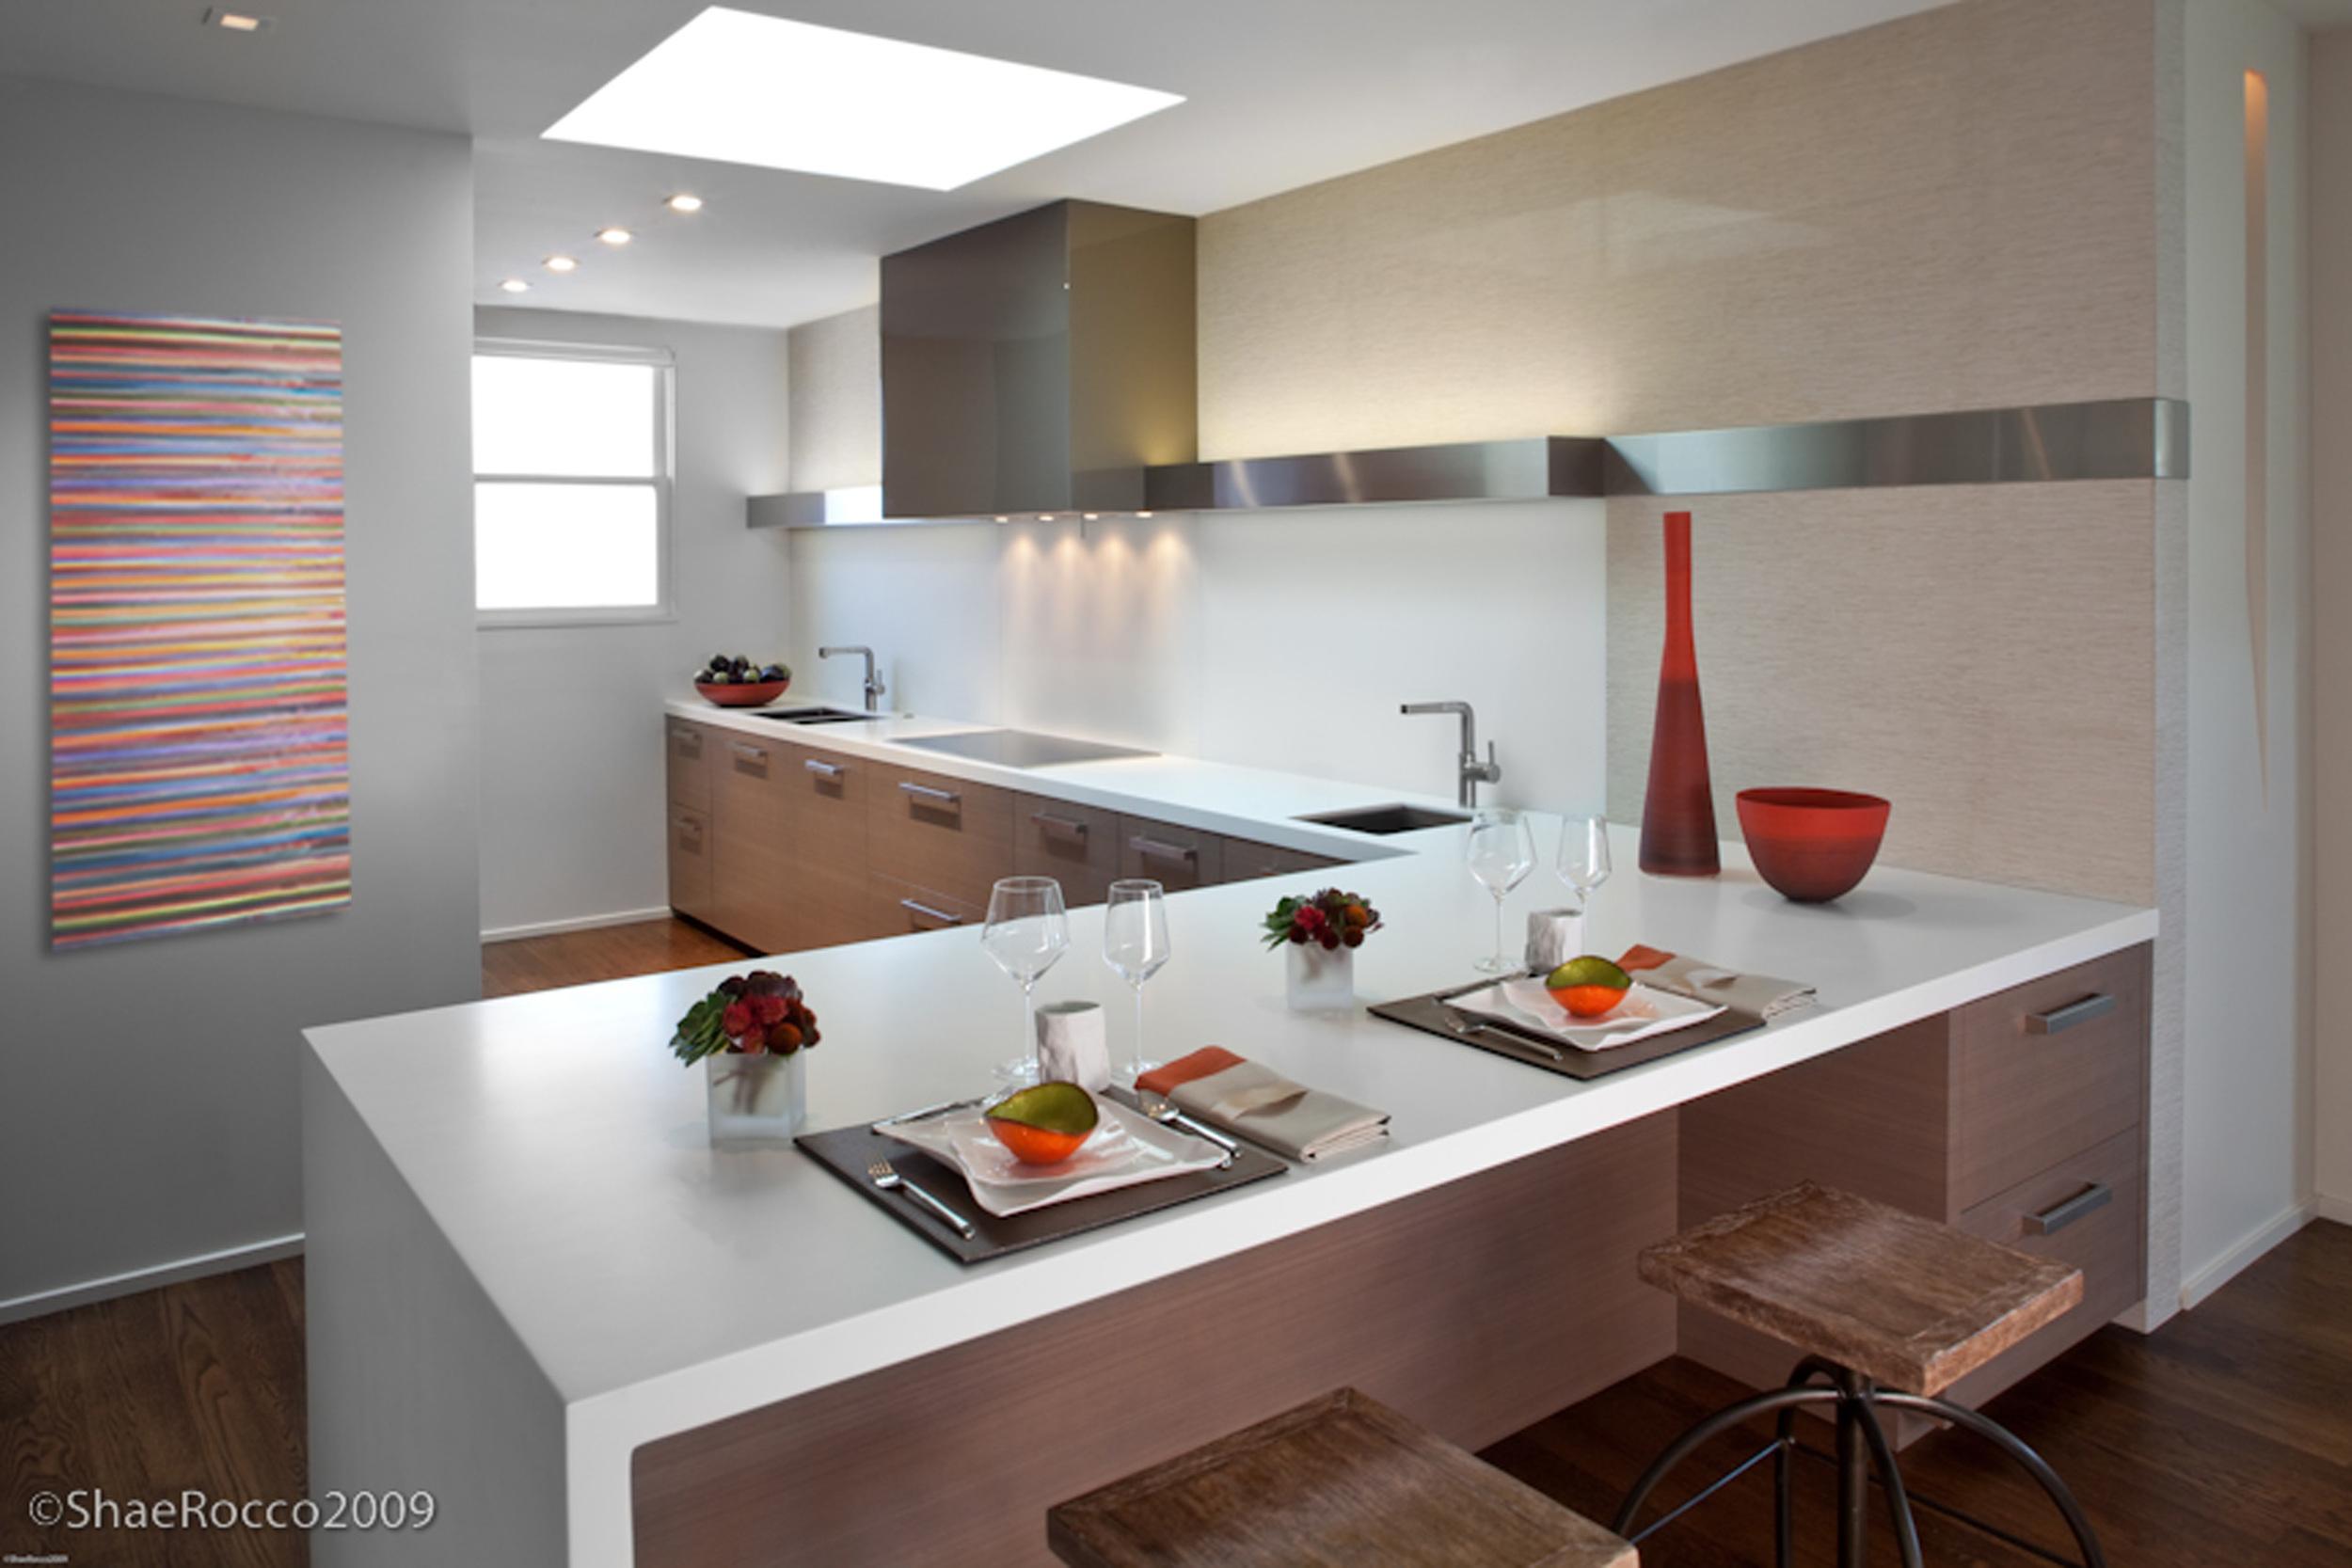 Kitchen-7012_withArt.jpg